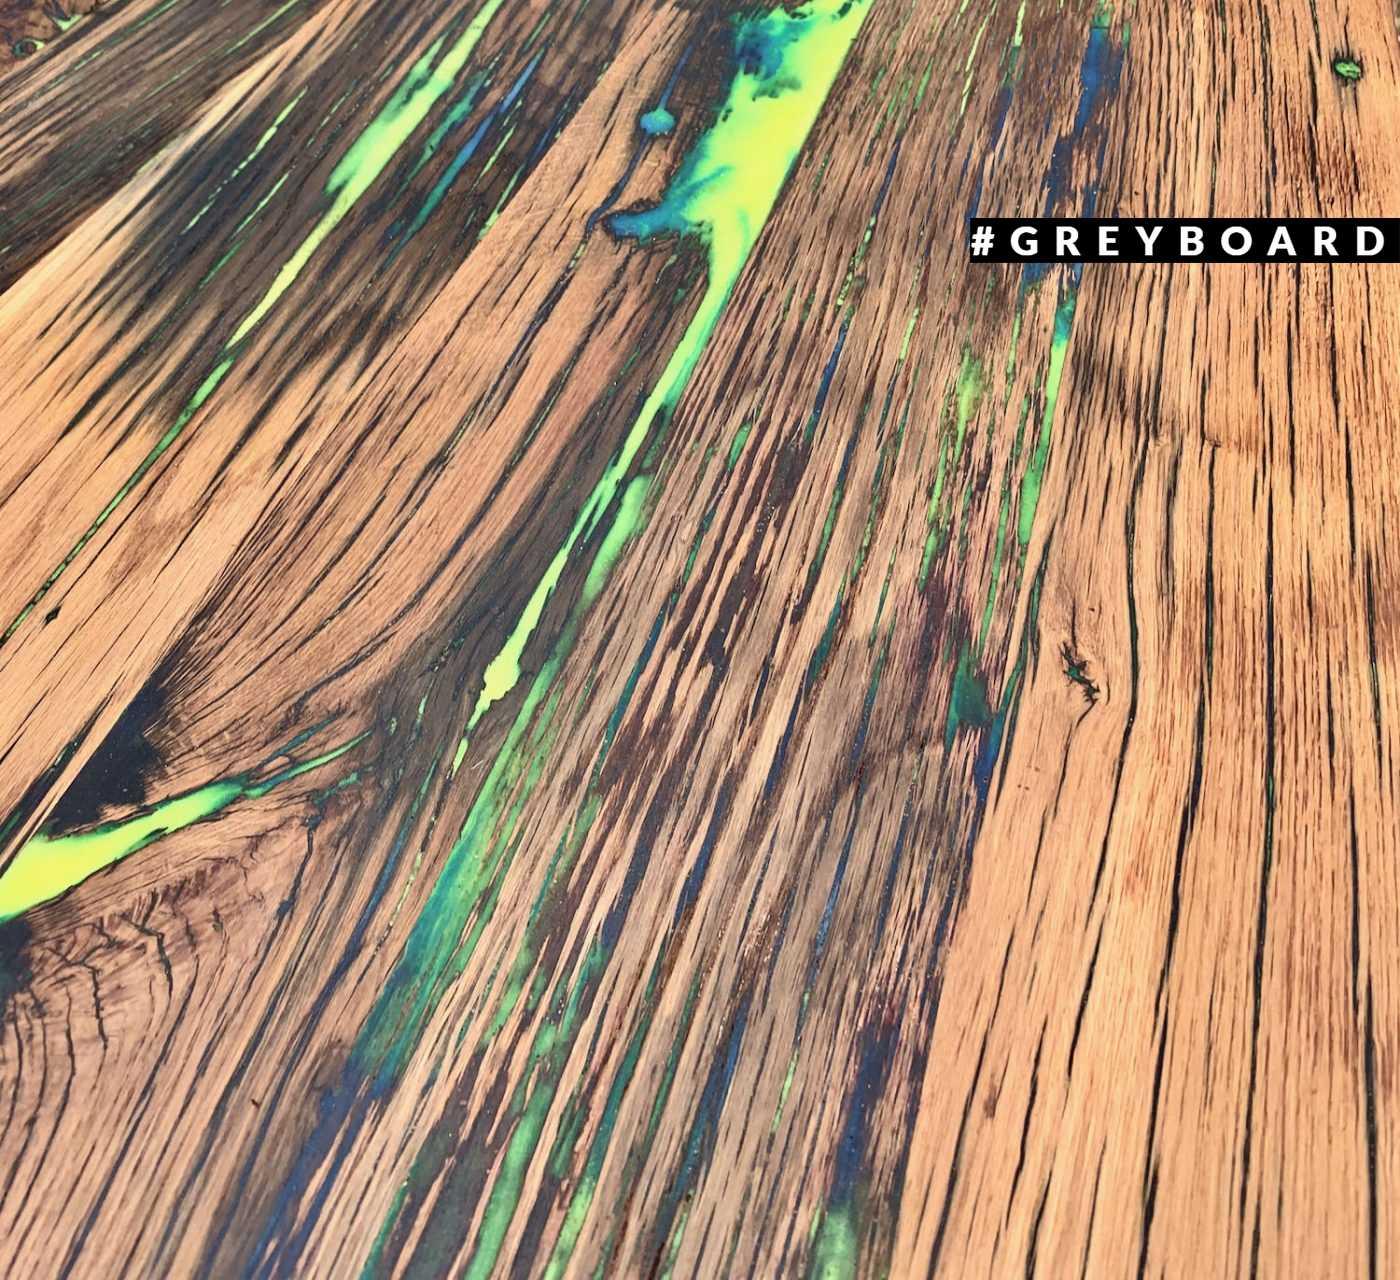 Столешница из старого дуба с разноцветными вкраплениями